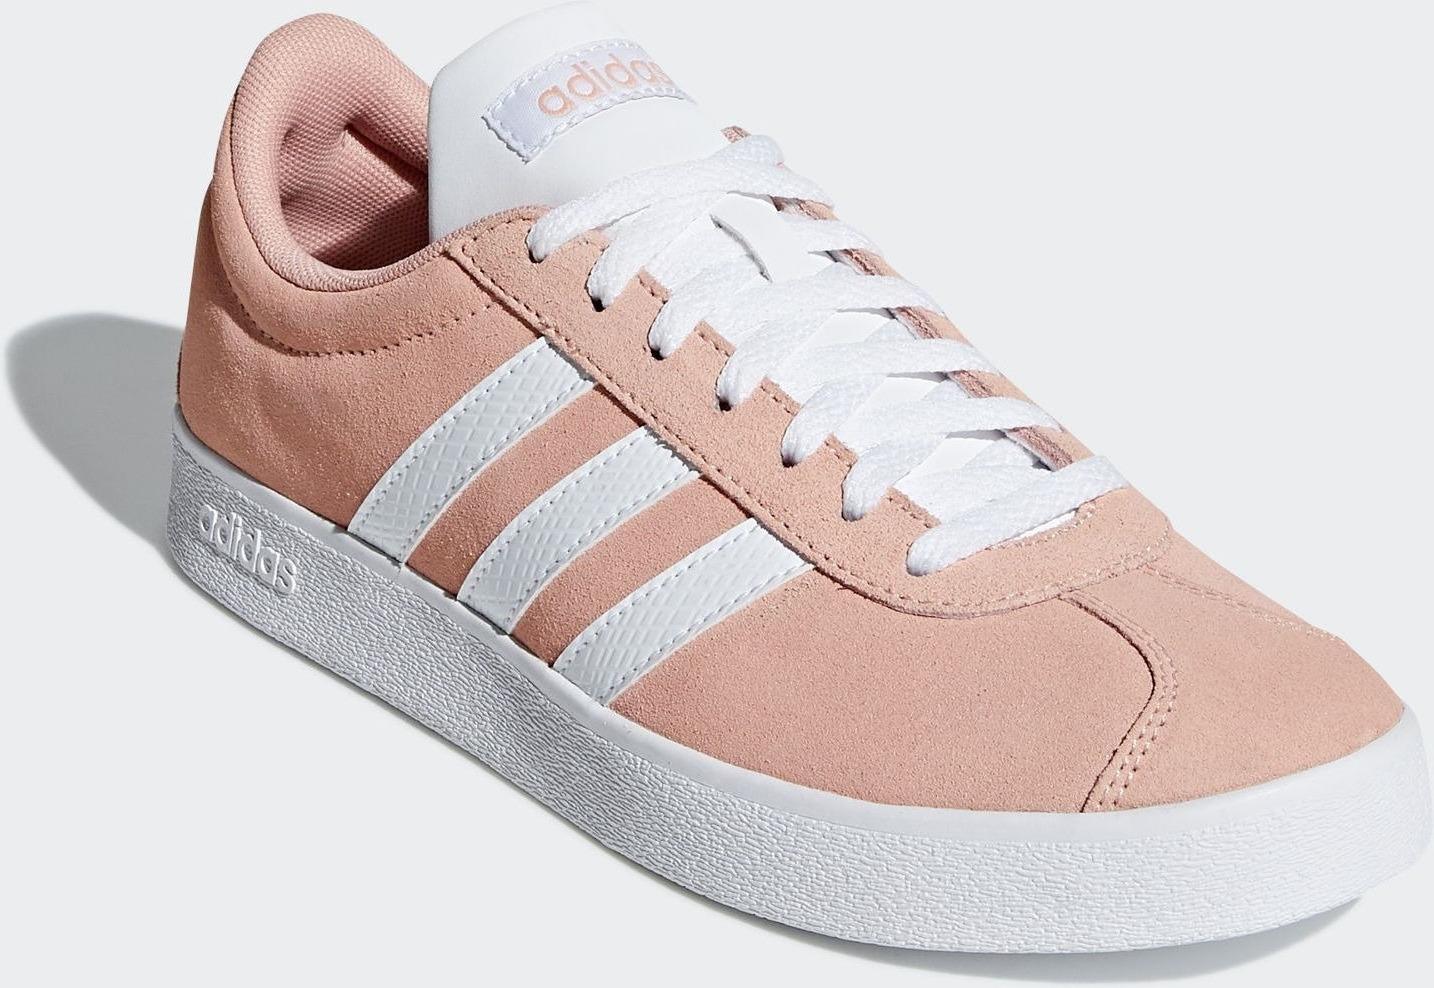 Кеды adidas Vl Court 2.0 кеды женские adidas vl court 2 0 цвет розовый f35129 размер 5 37